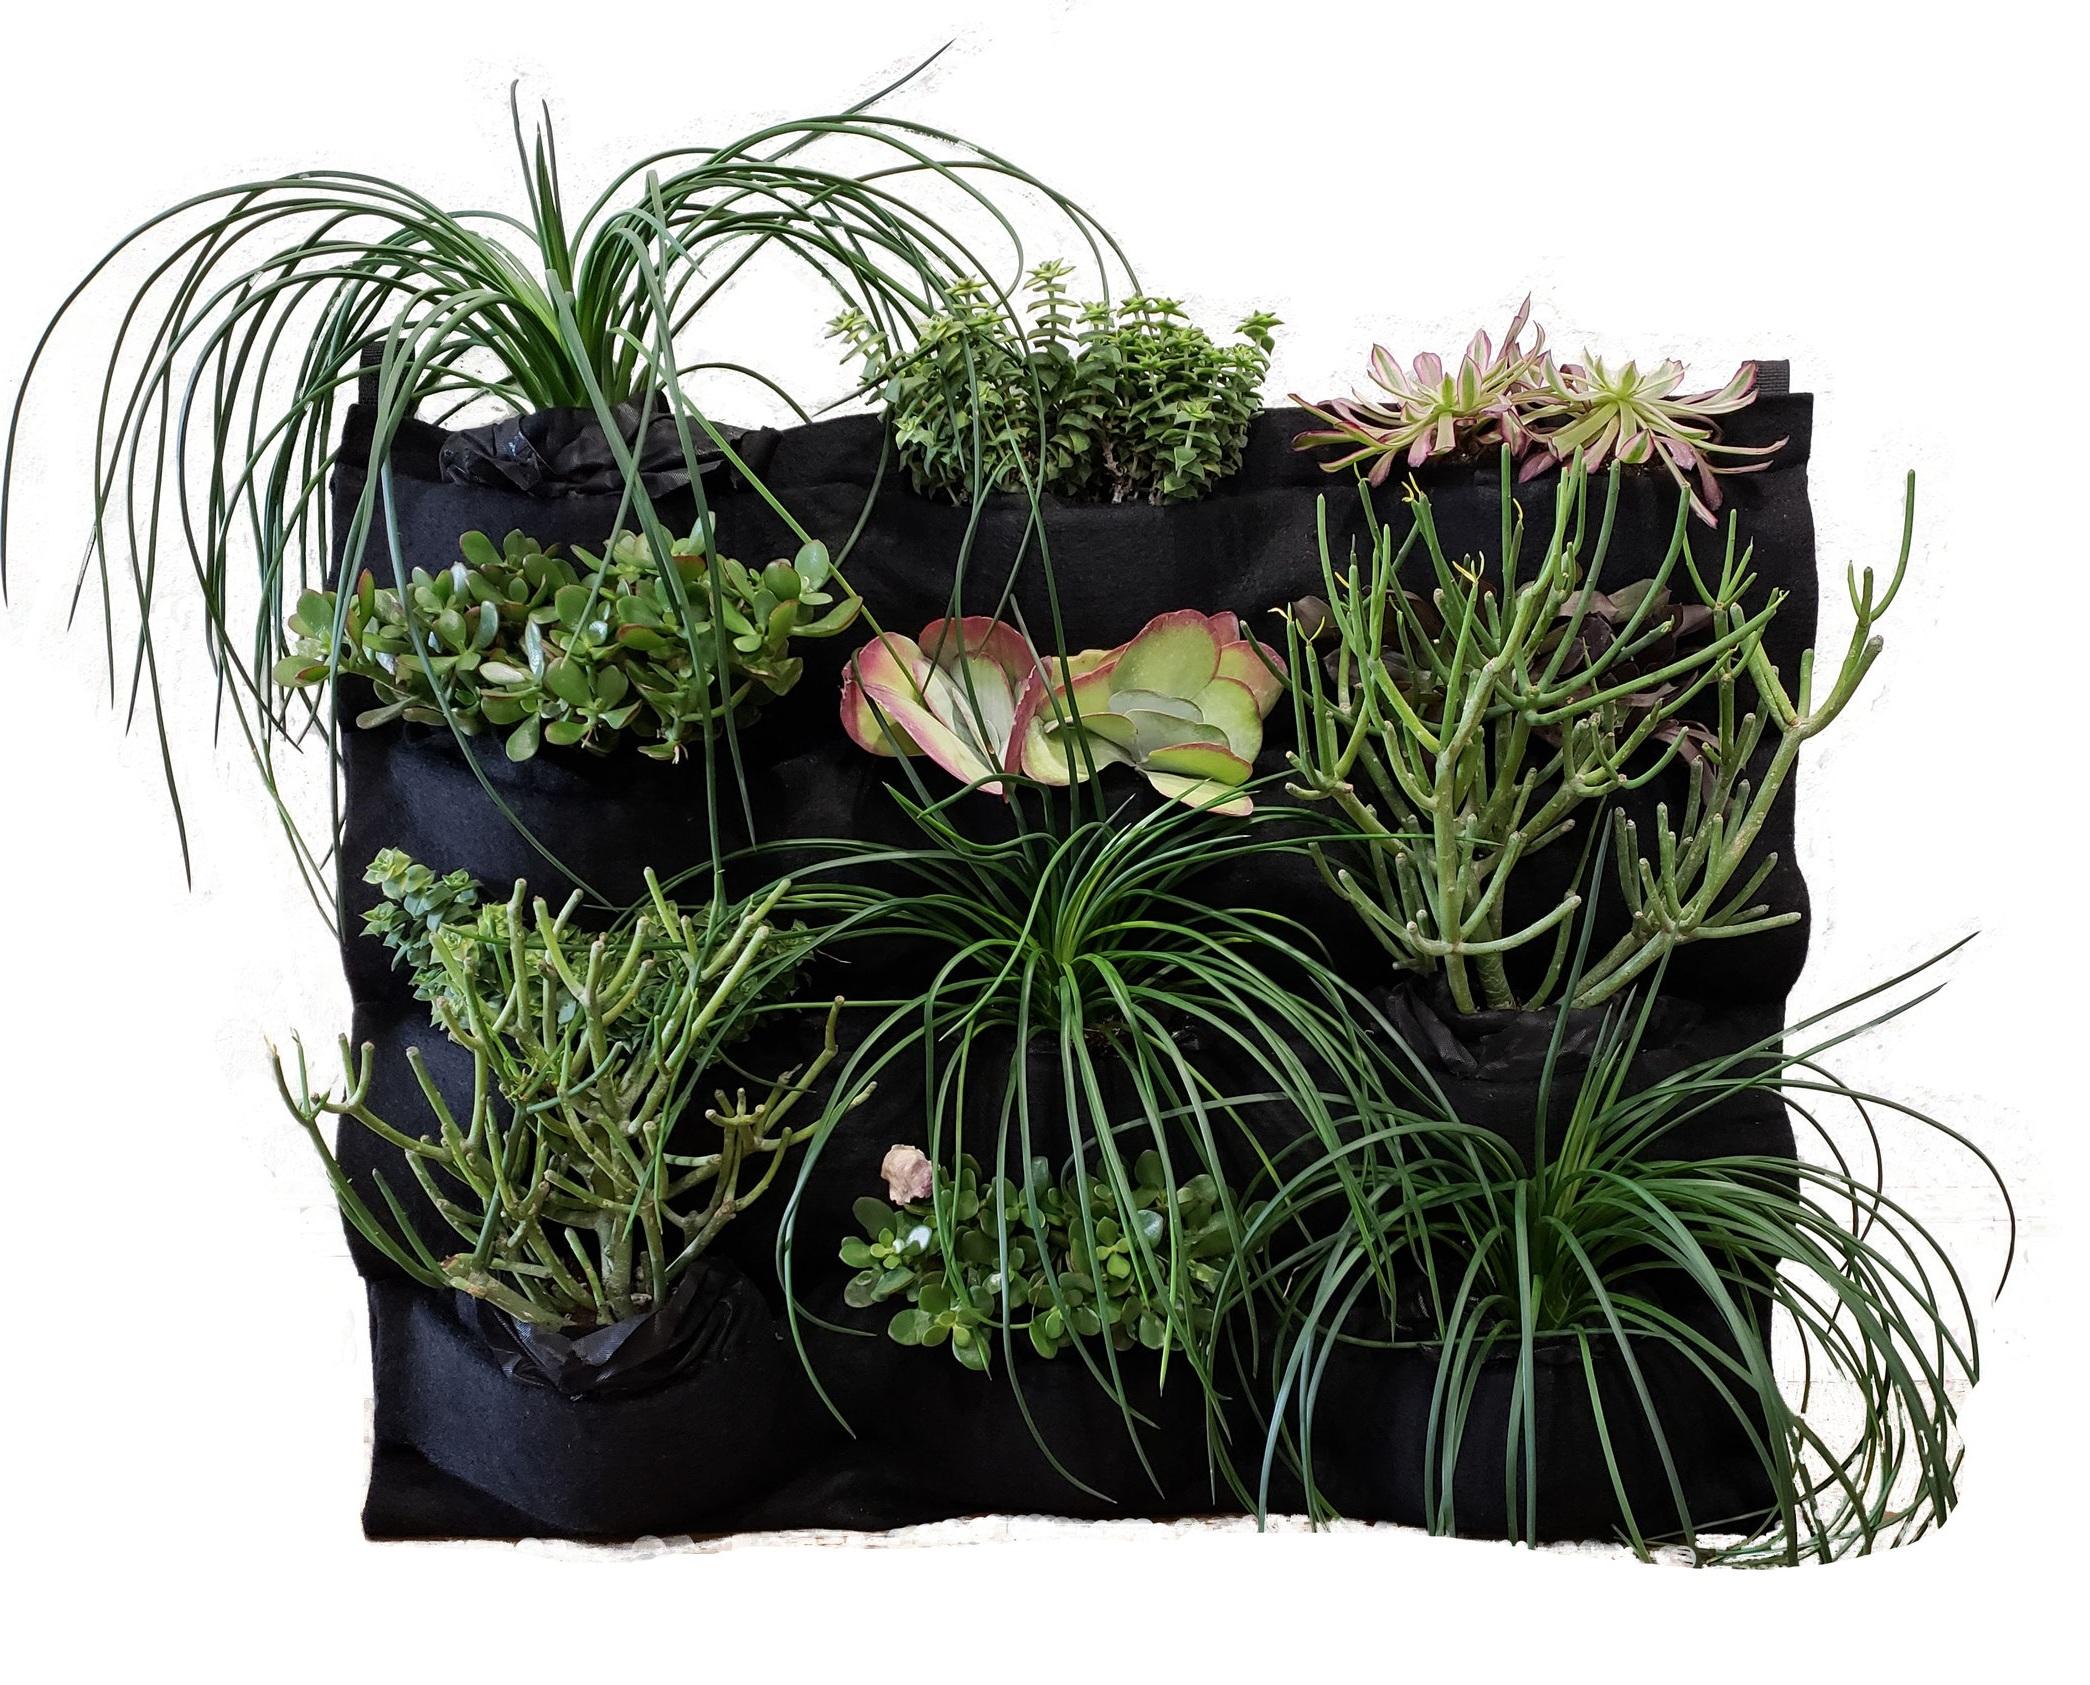 Pre-Planted Succulent Collection FloraFelt 12-Pocket Planter